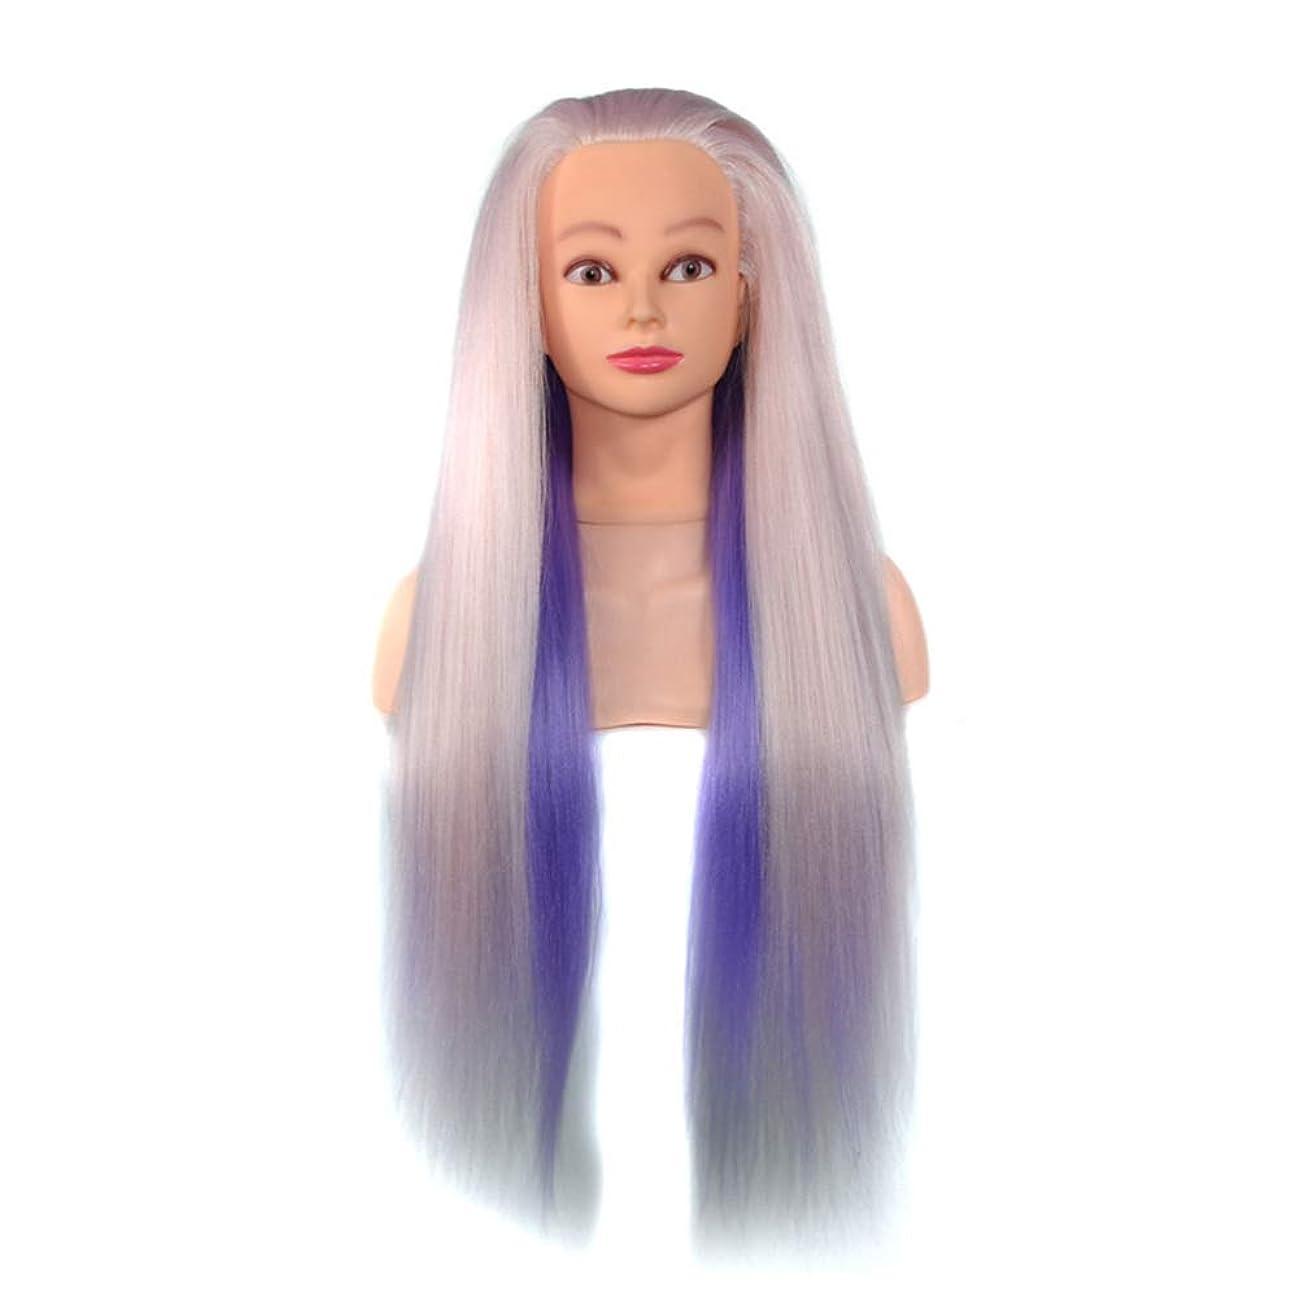 舌なフィルタ防衛高温シルク花嫁編組エクササイズヘッドサロン教育グラデーショントレーニングヘッド理髪学習ヘッドモデル